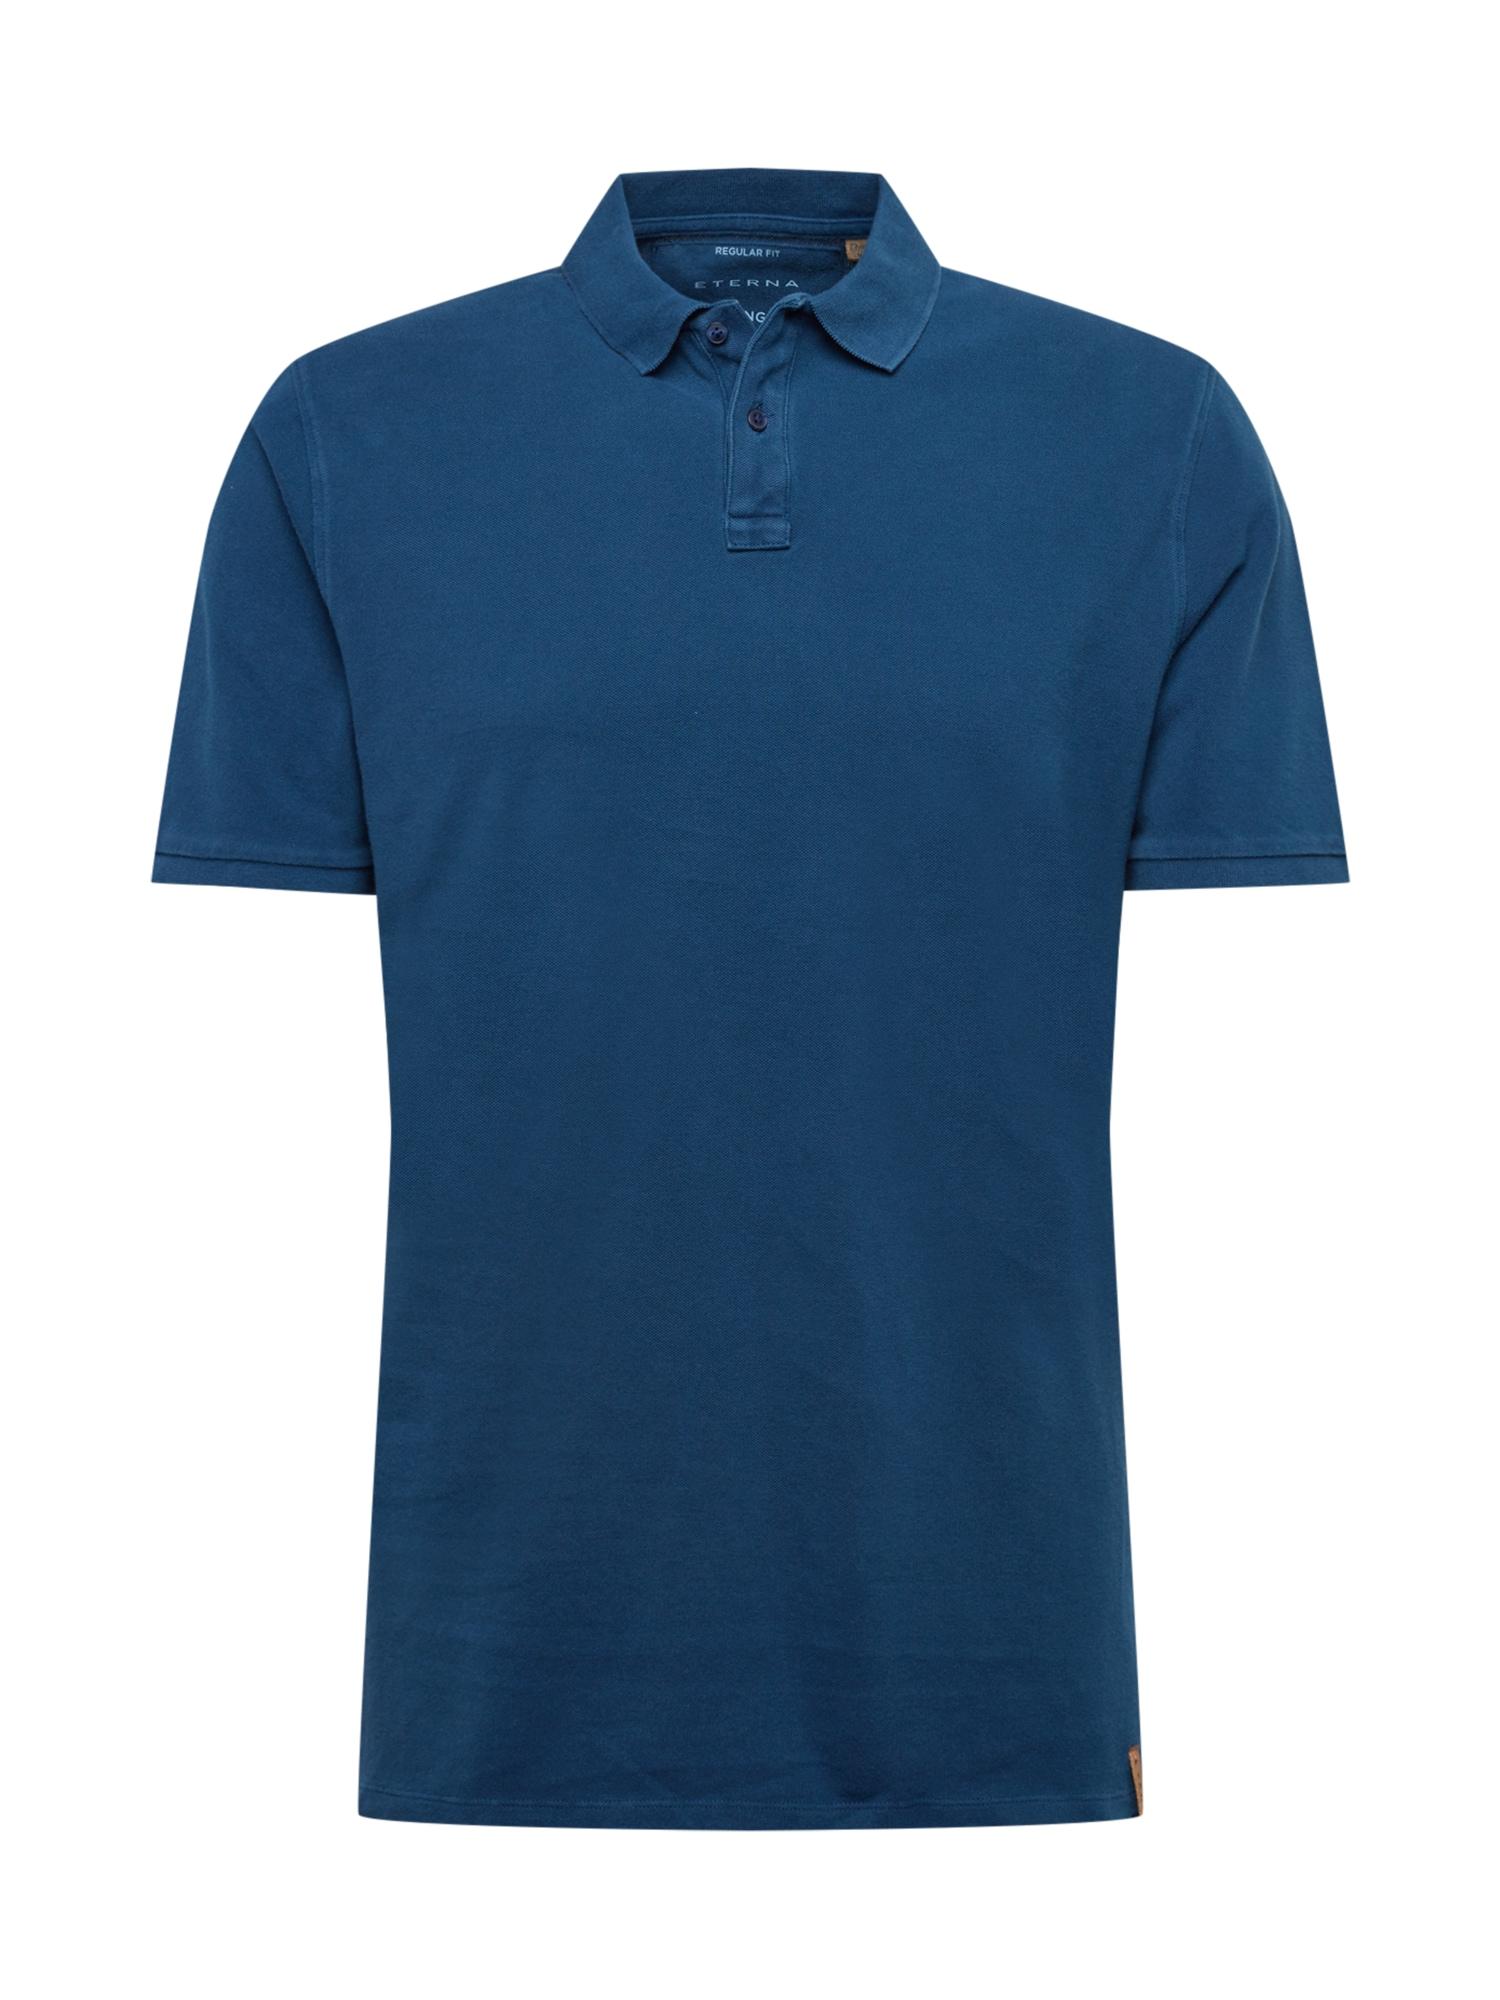 ETERNA Marškinėliai tamsiai mėlyna